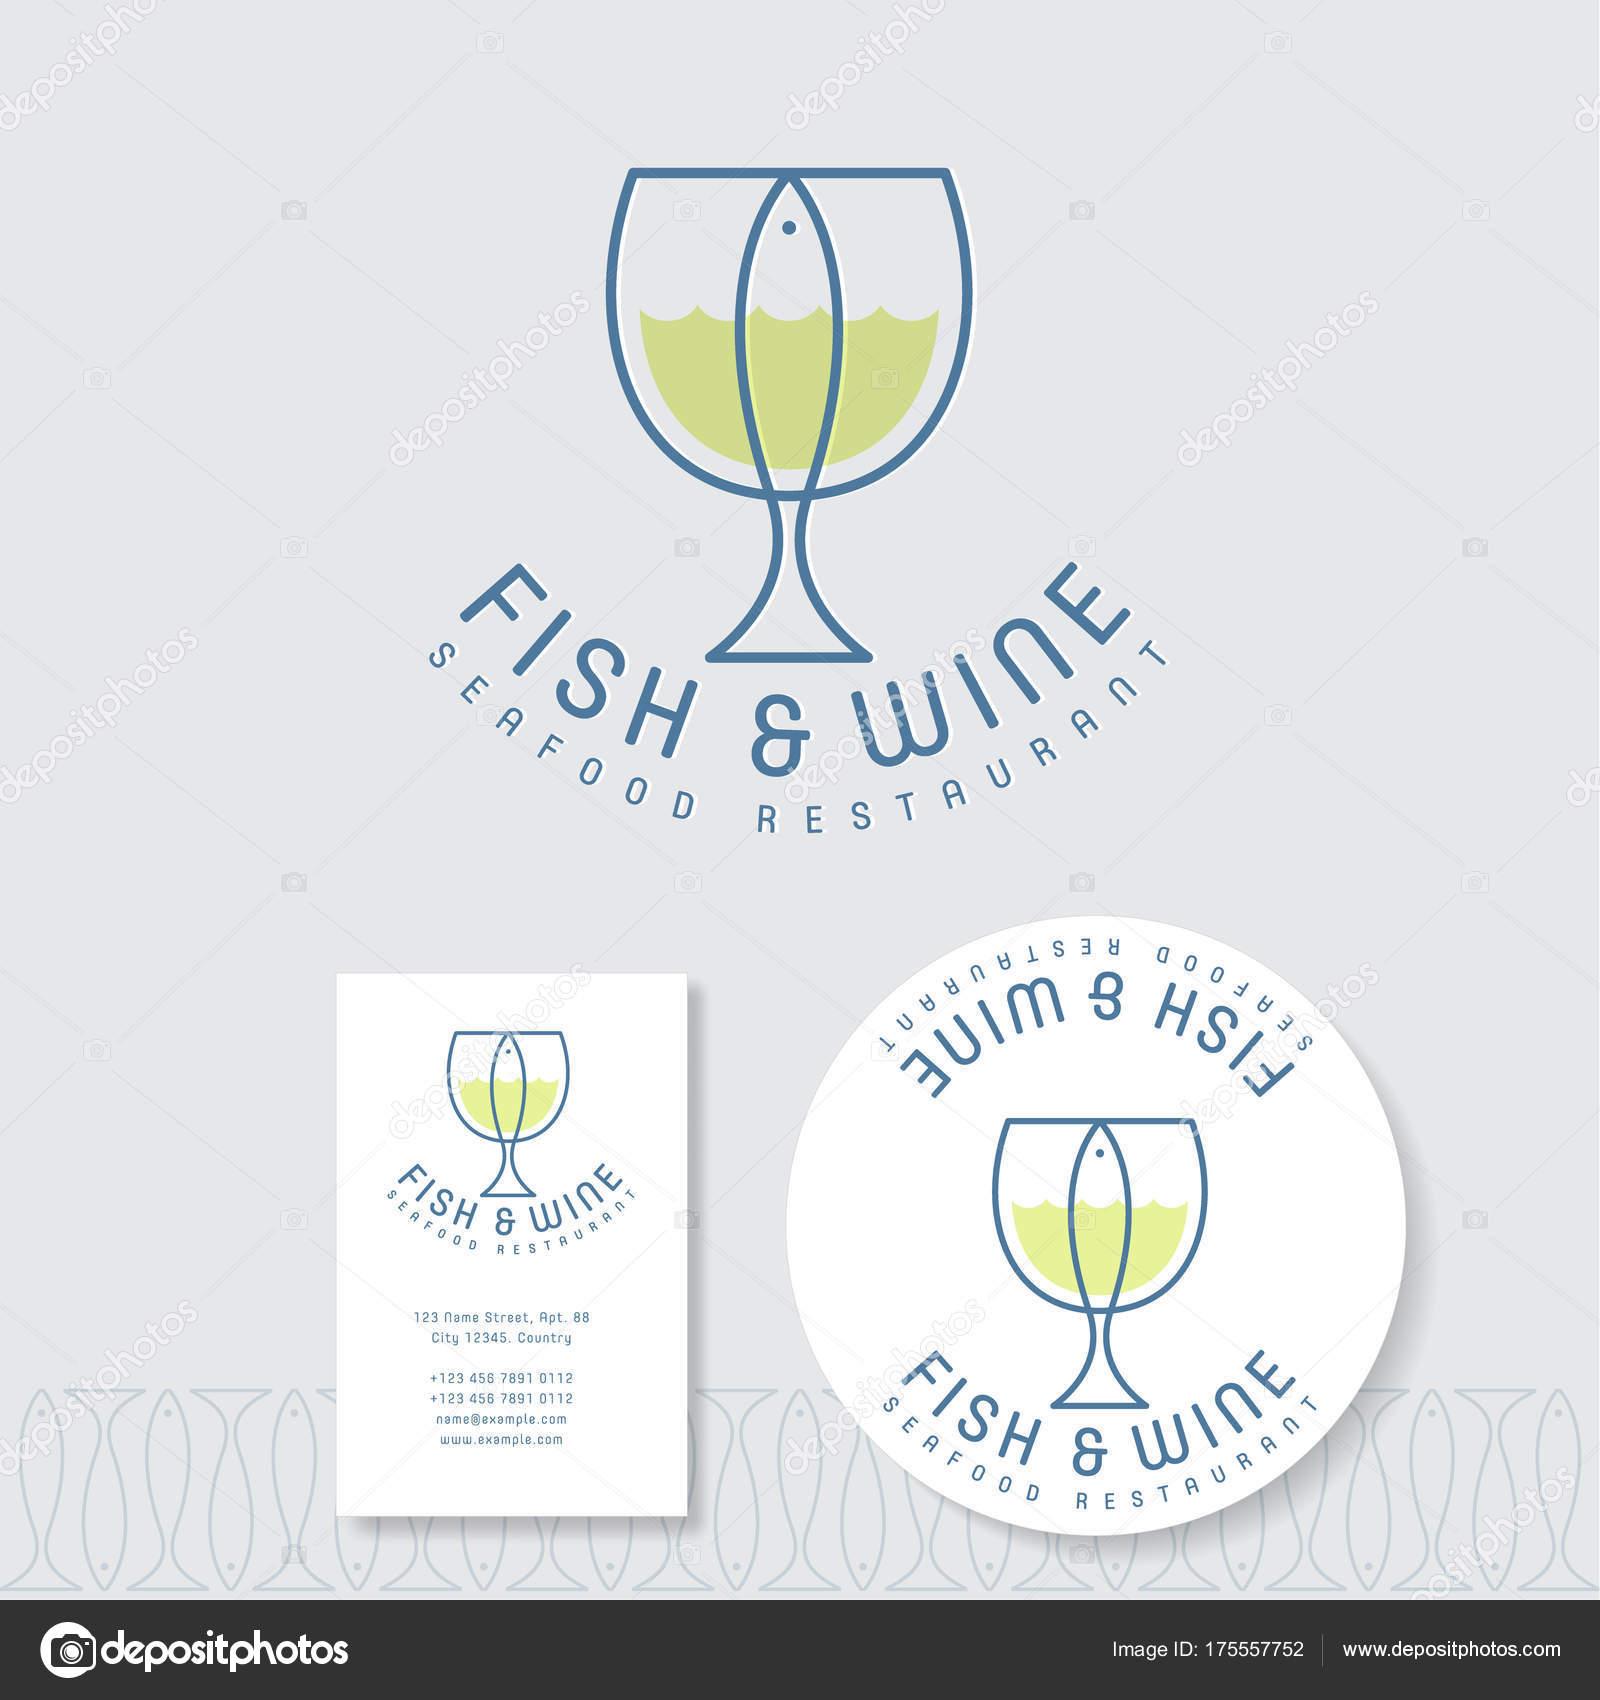 Logo Plat Poisson Et Le Vin Emblme De Restaurant Fruits Mer Un Verre Avec Des Lettres Sur Fond Blanc Identit Carte Visite